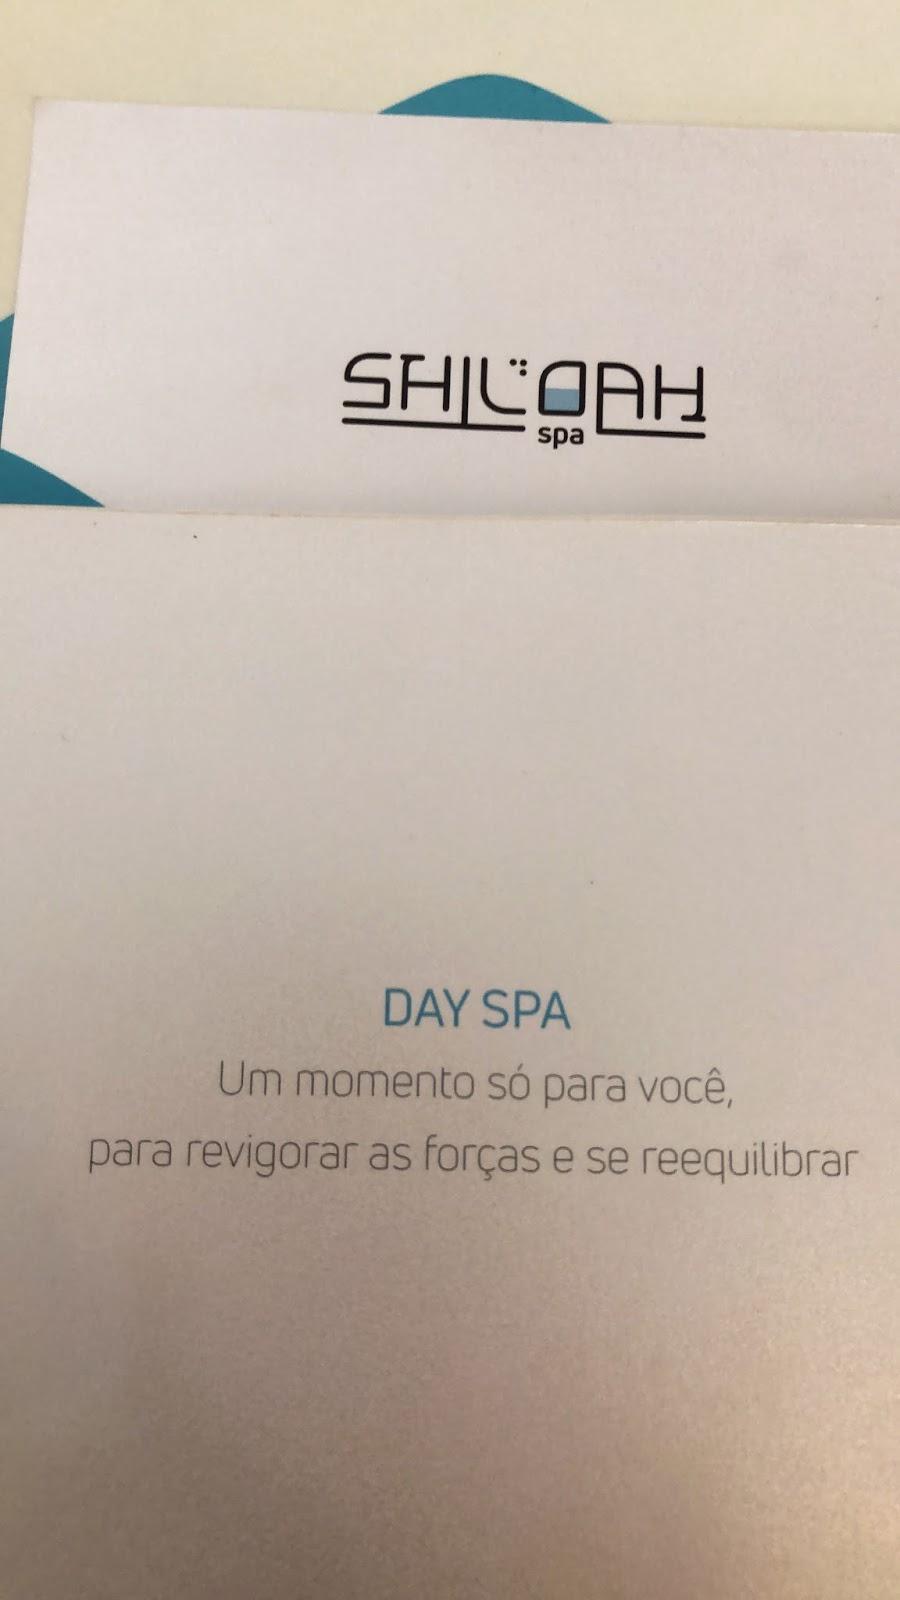 Beleza: Massagem com pedras quentes no Shiloah SPA